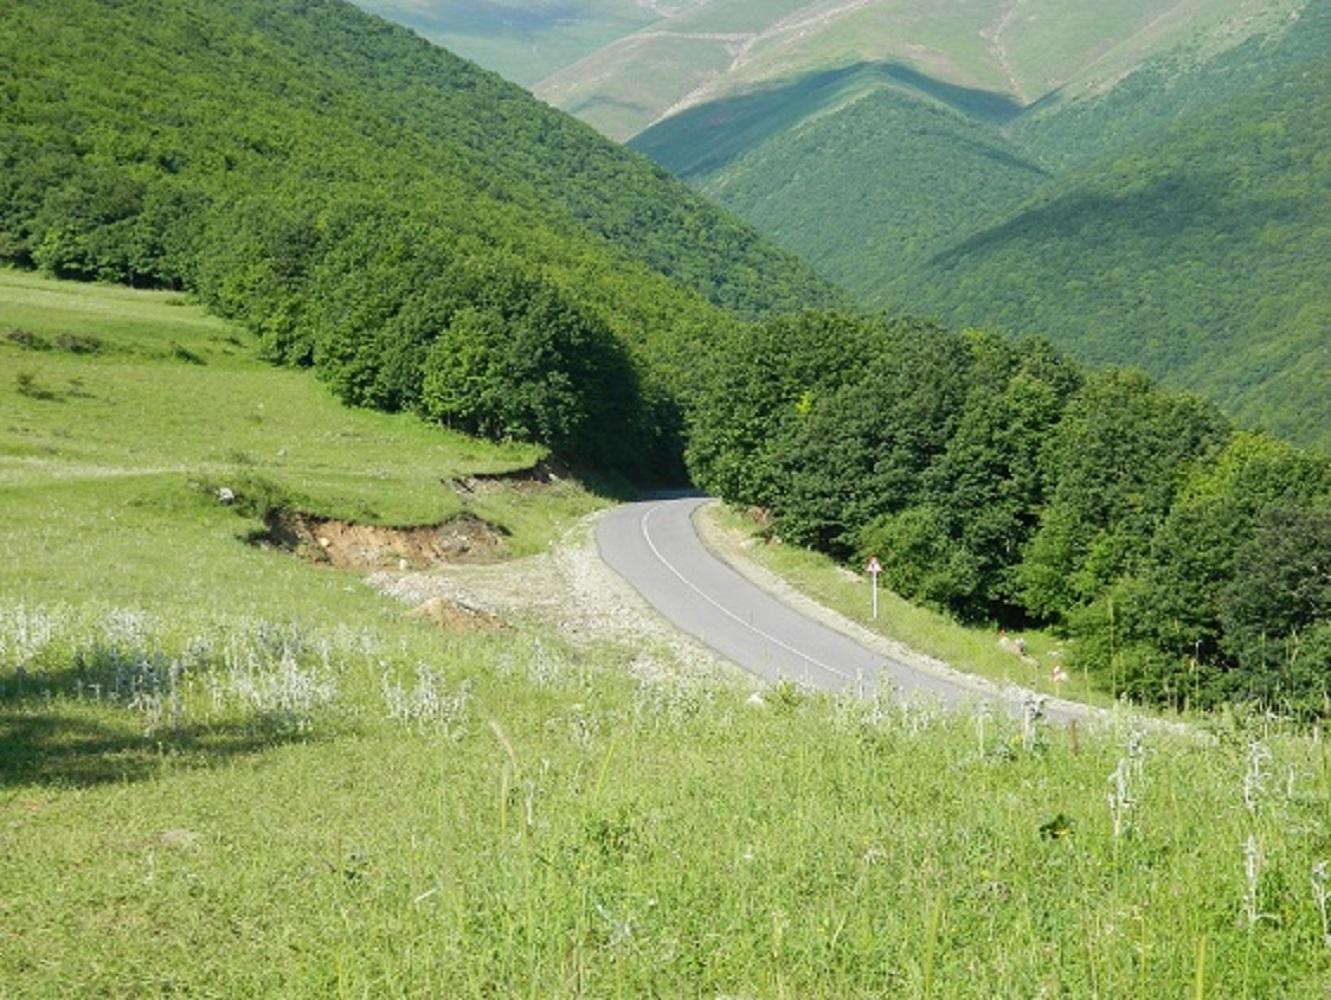 تصویر از جنگل های ارسباران بهشت آذربایجان